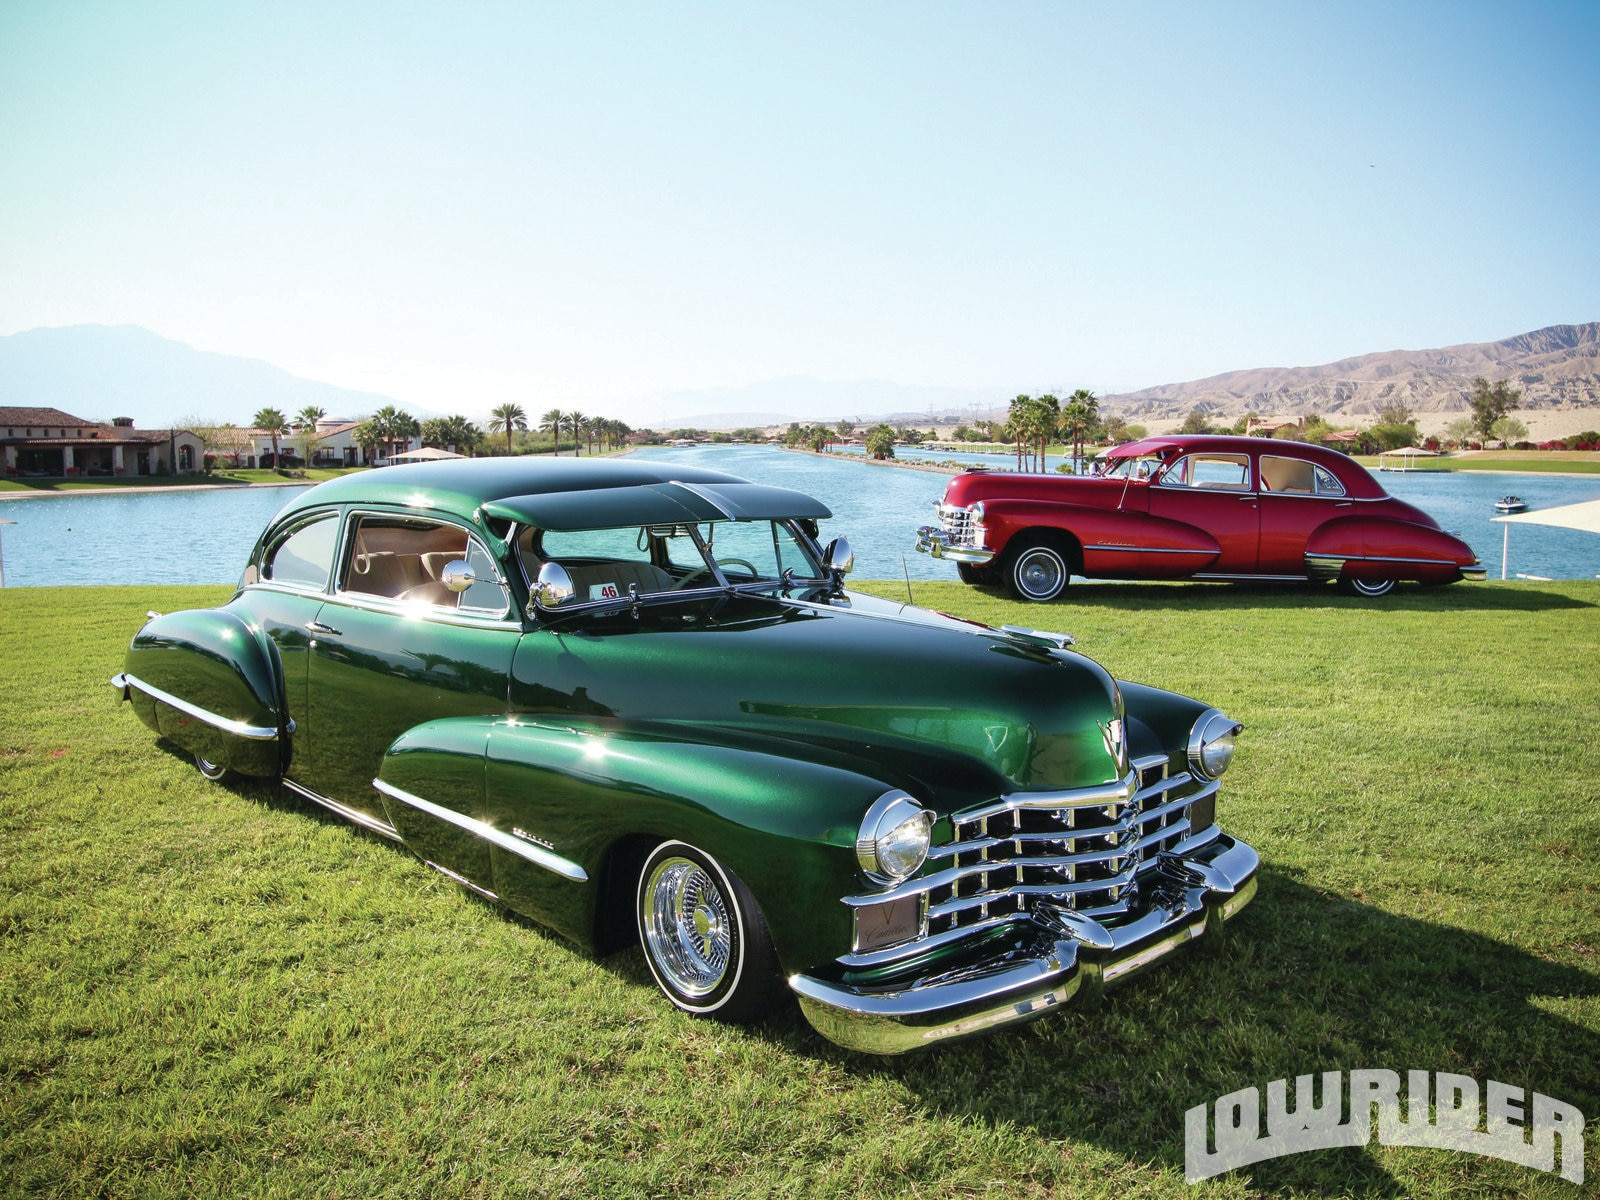 Classic Lowriders Car Club